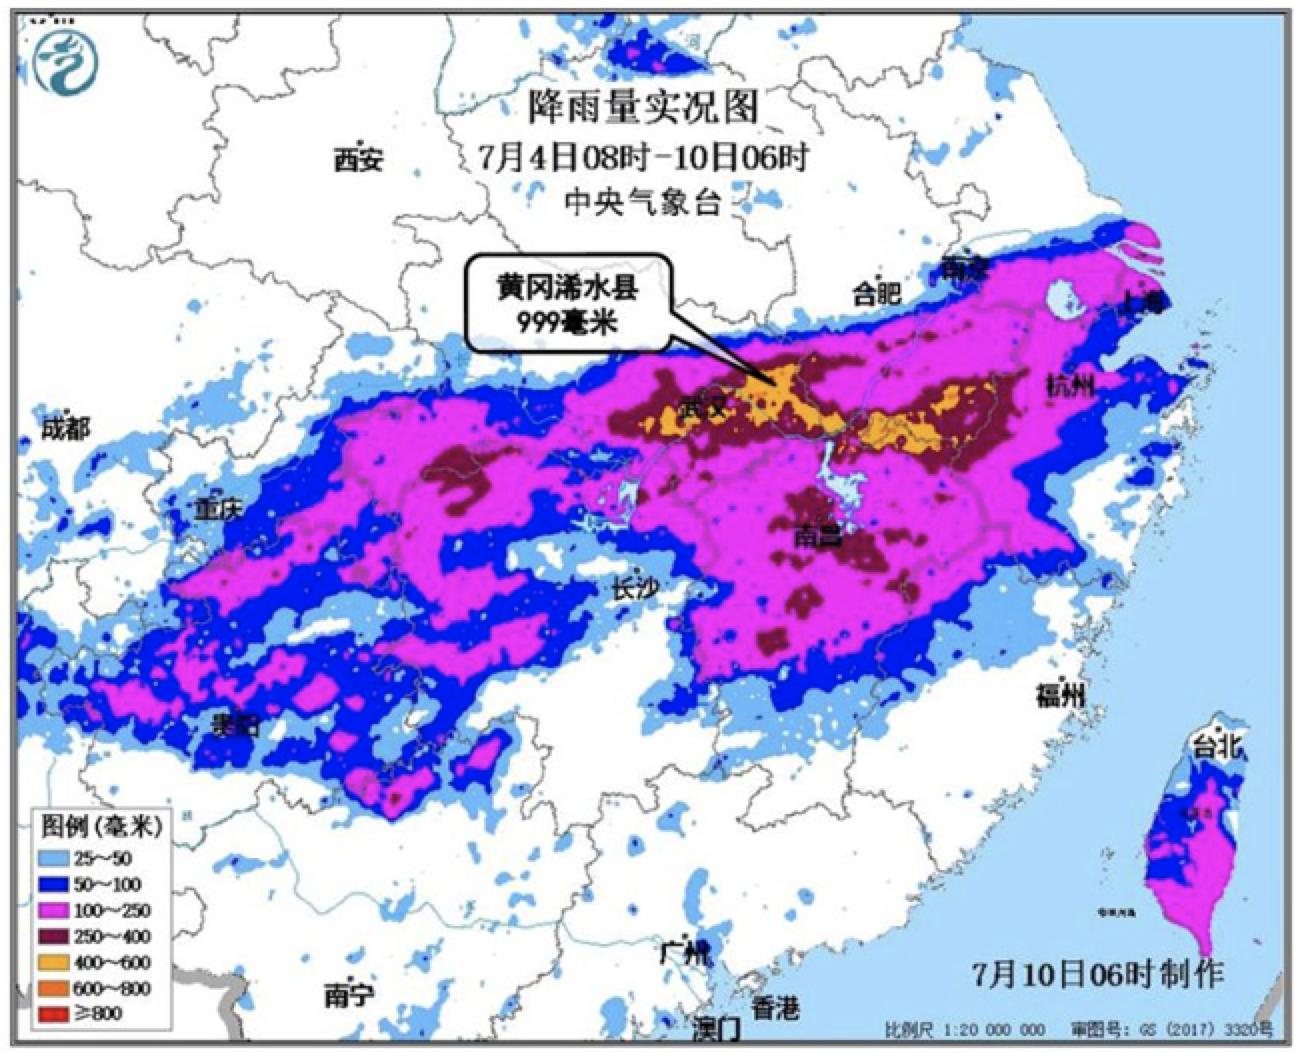 降雨量实况图。